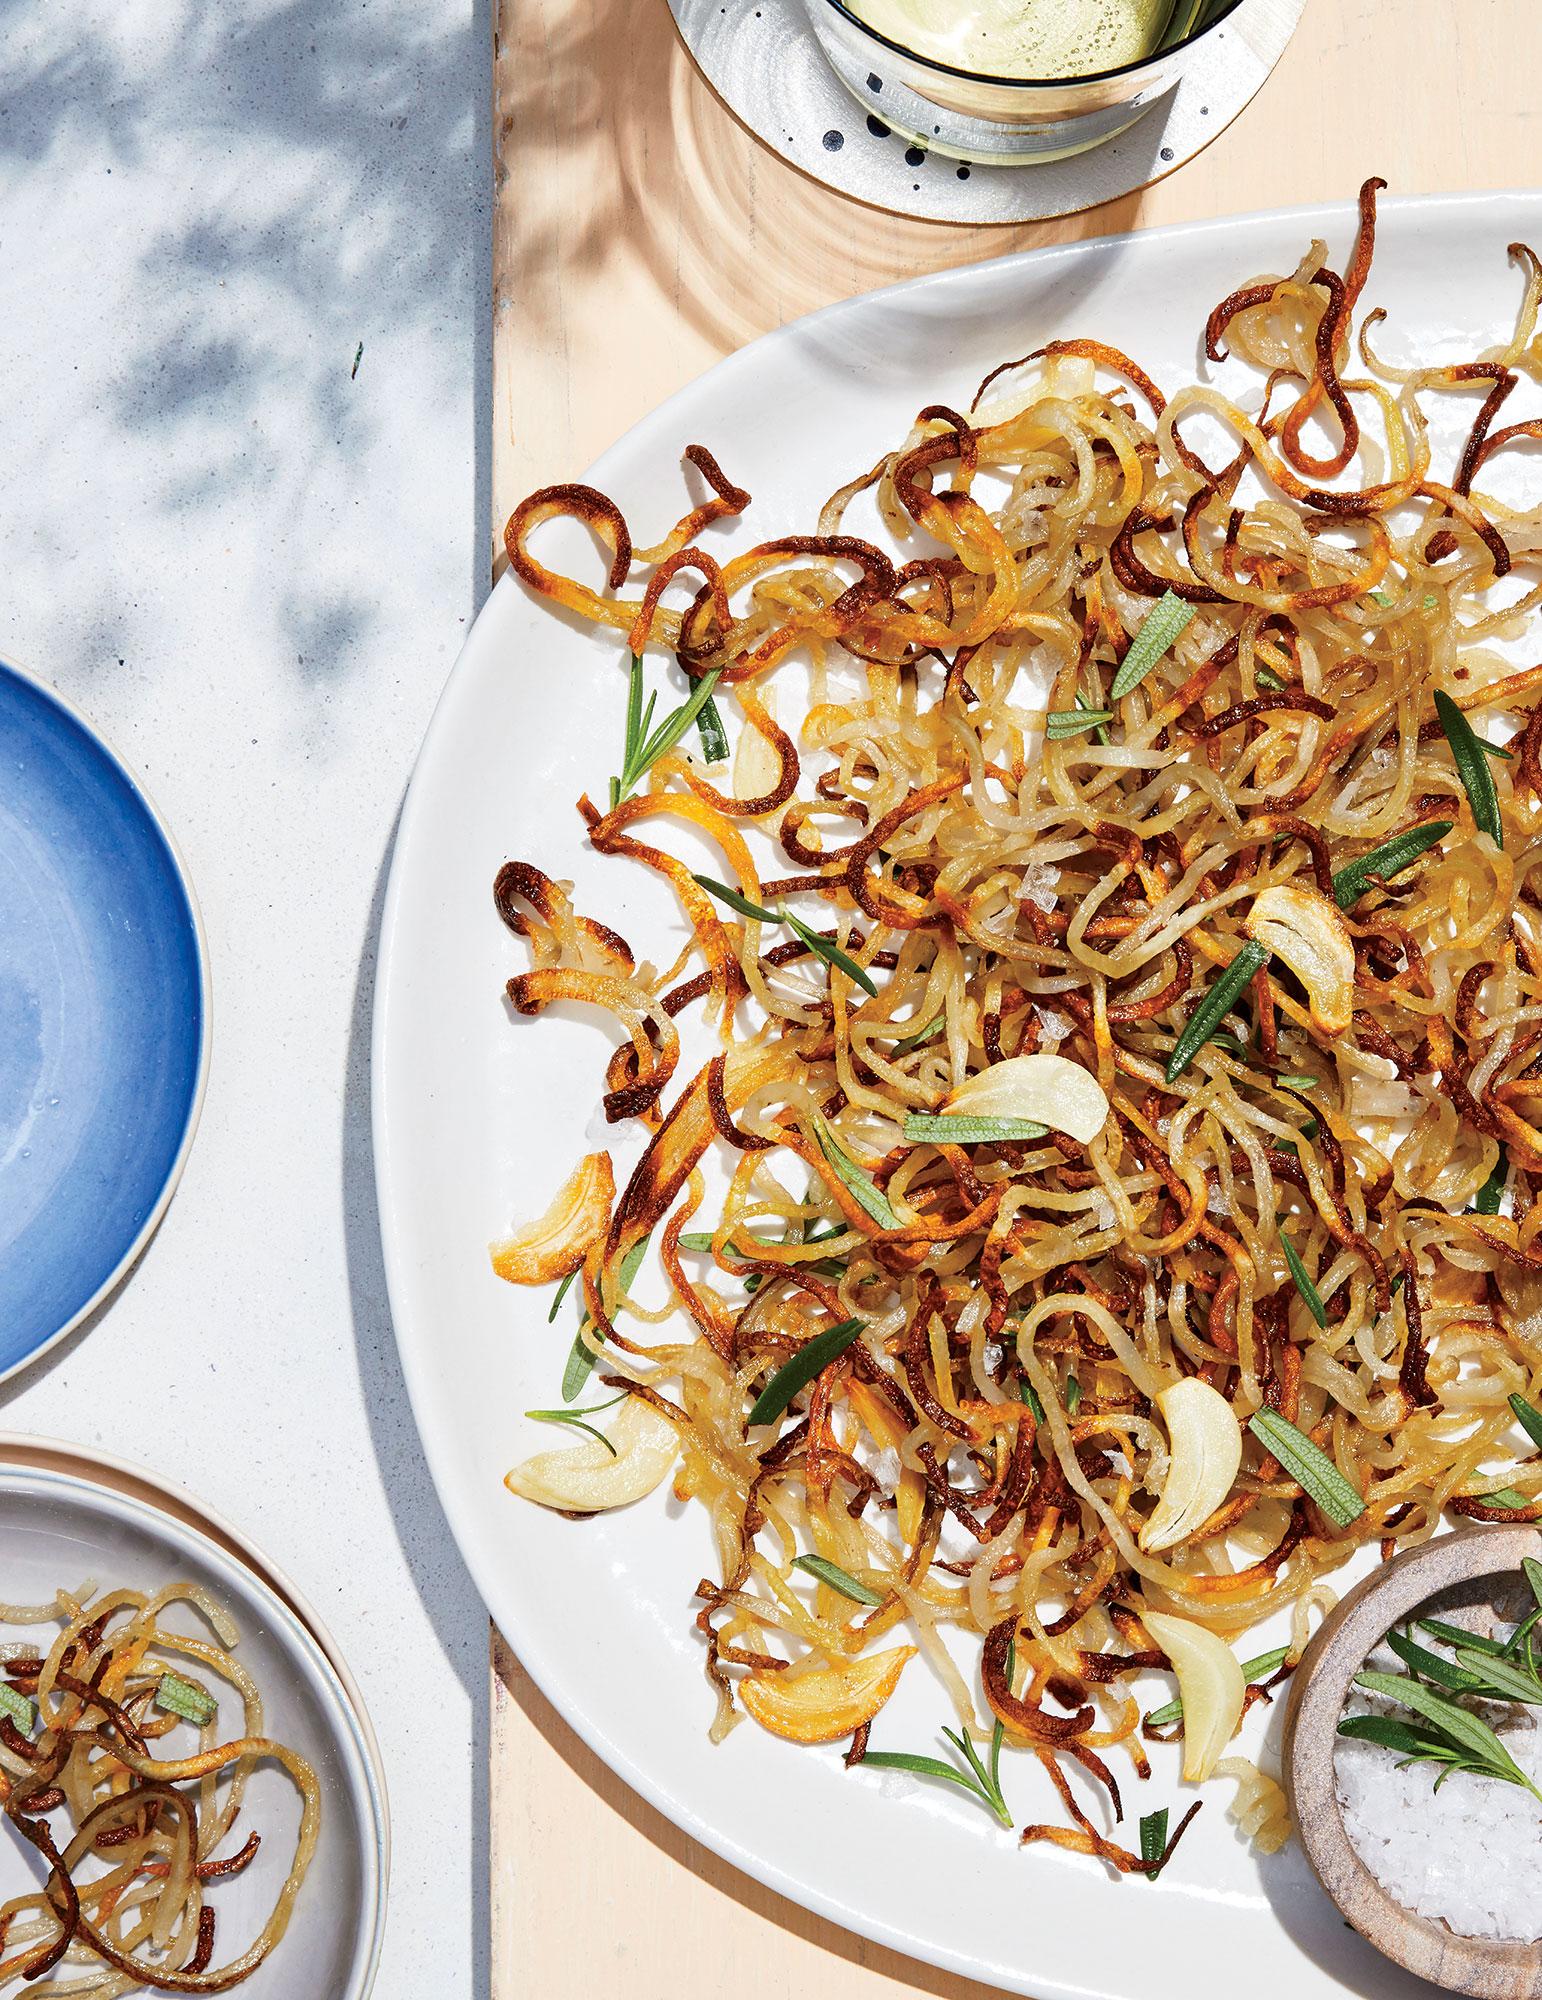 ck- Garlic-Herb Shoestring Fries